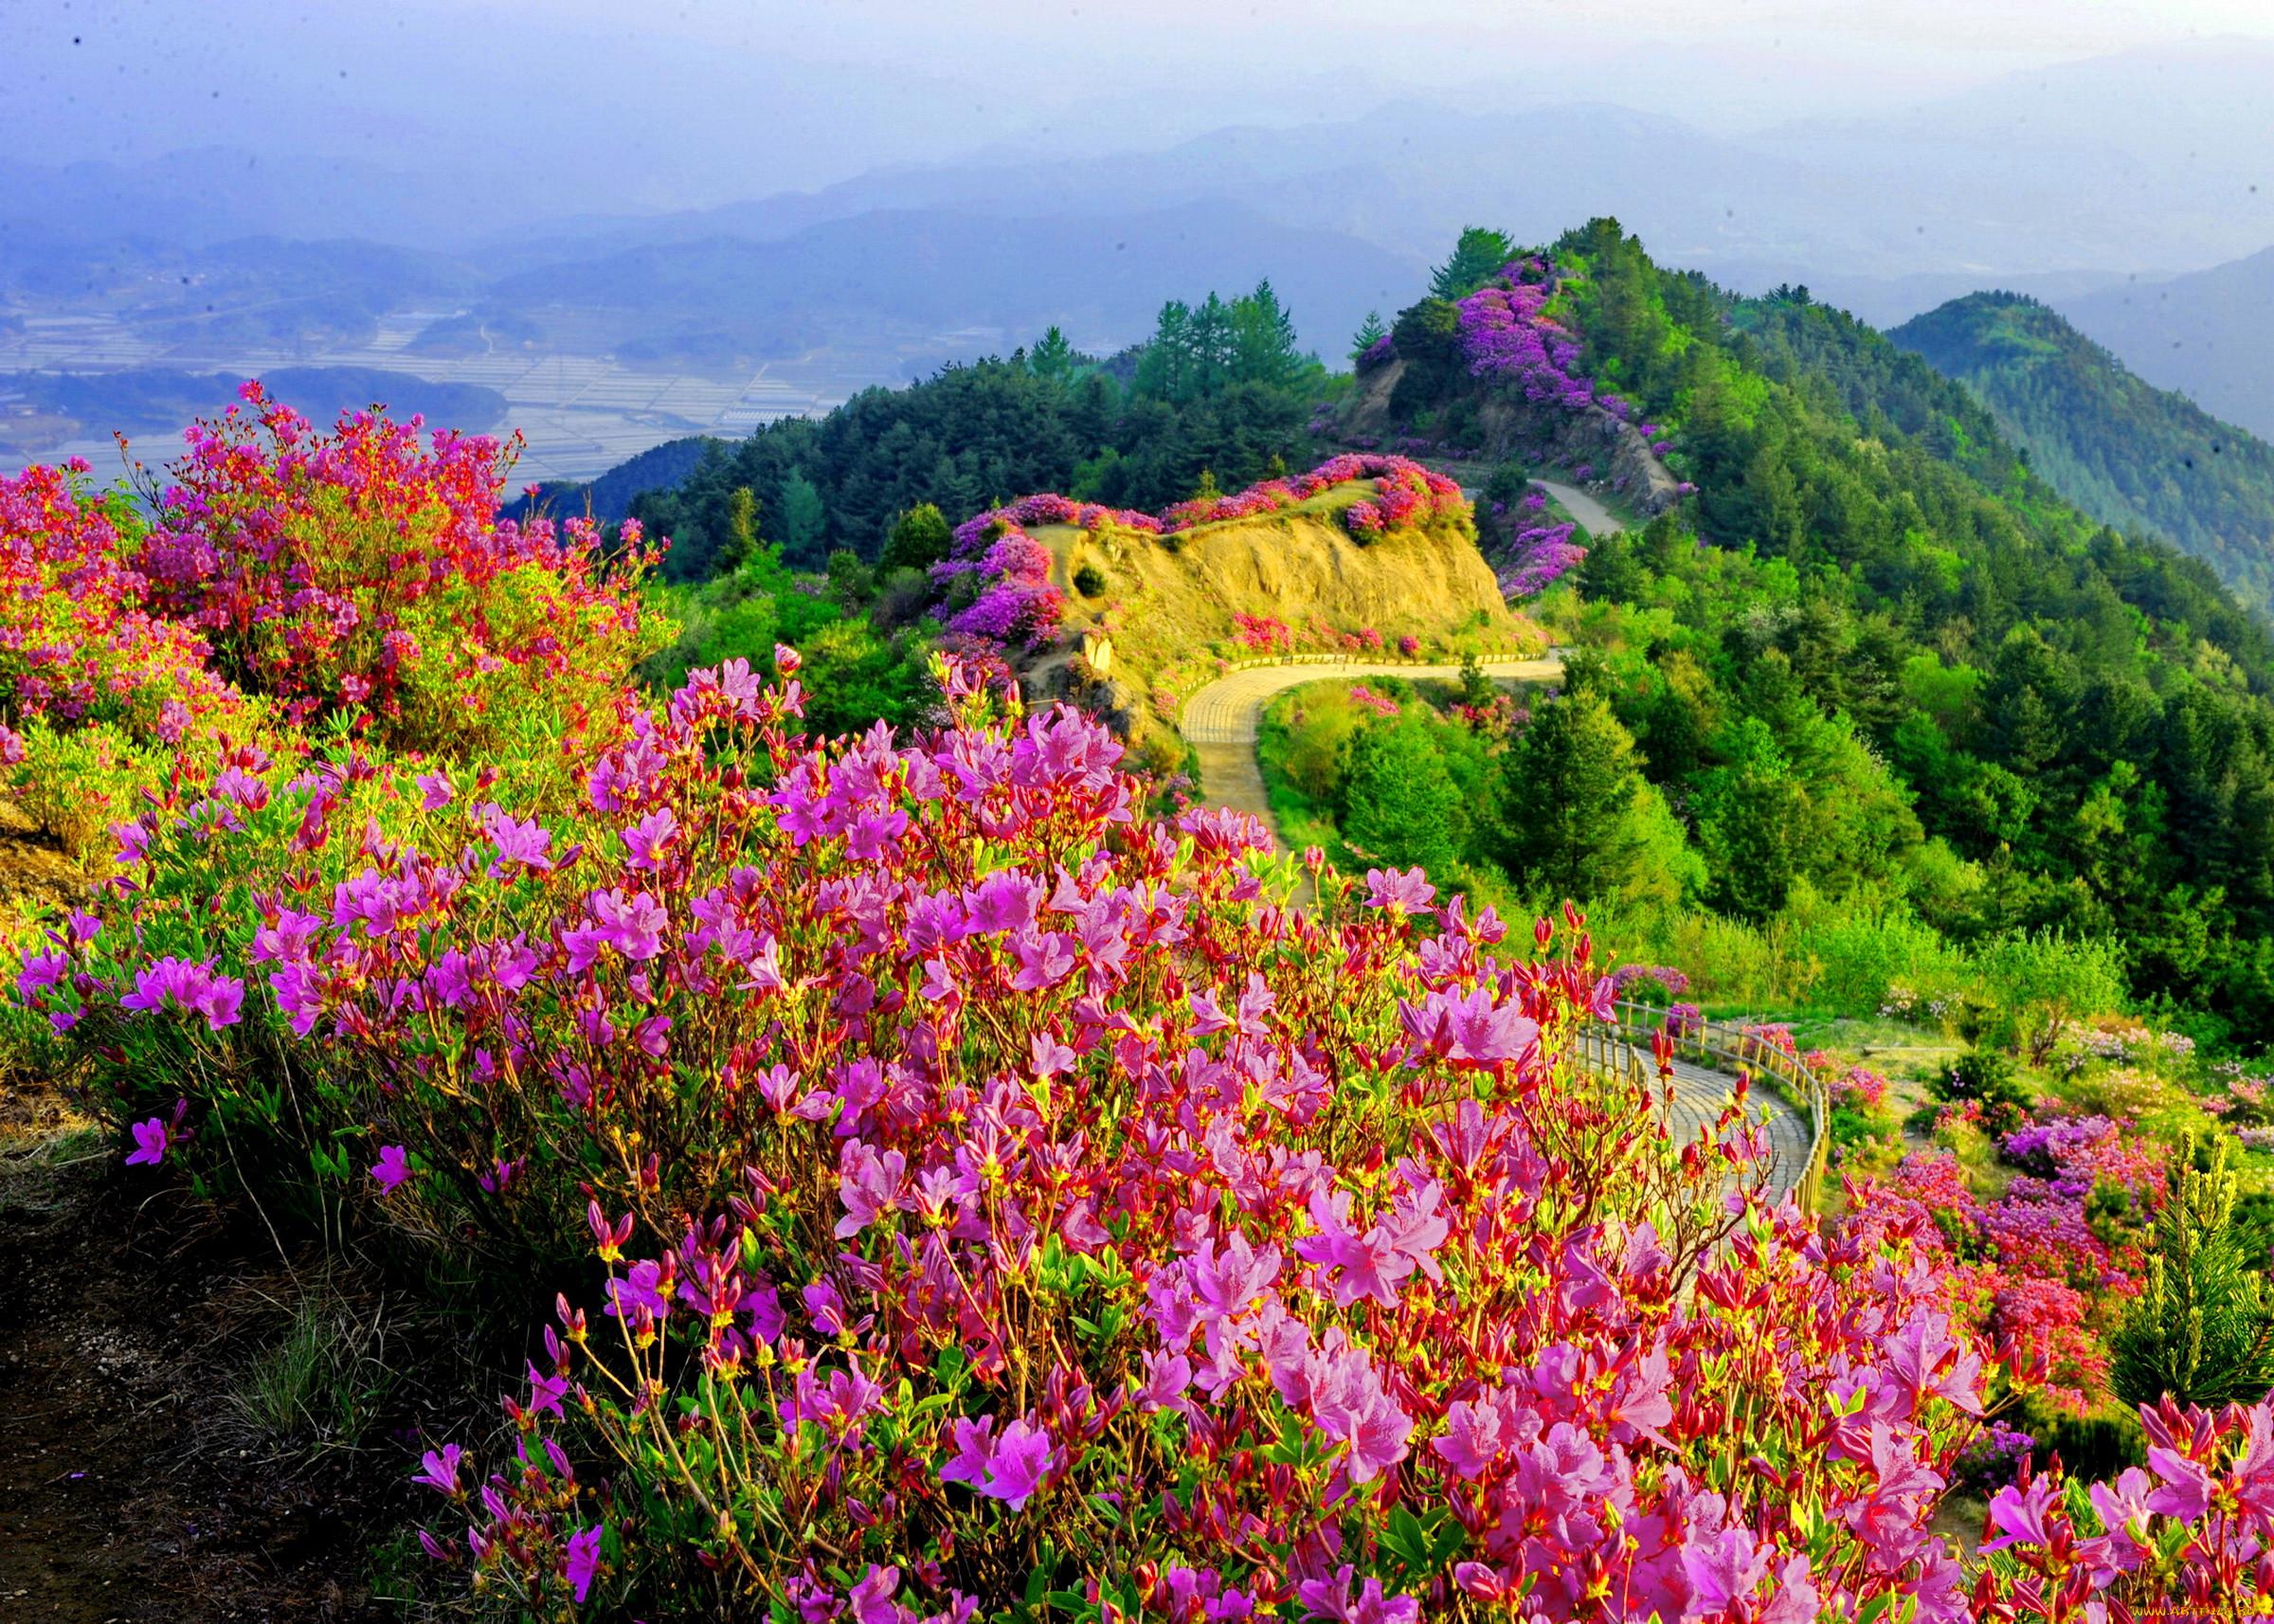 уникальная возможность цветущие горы фото практически каждый его